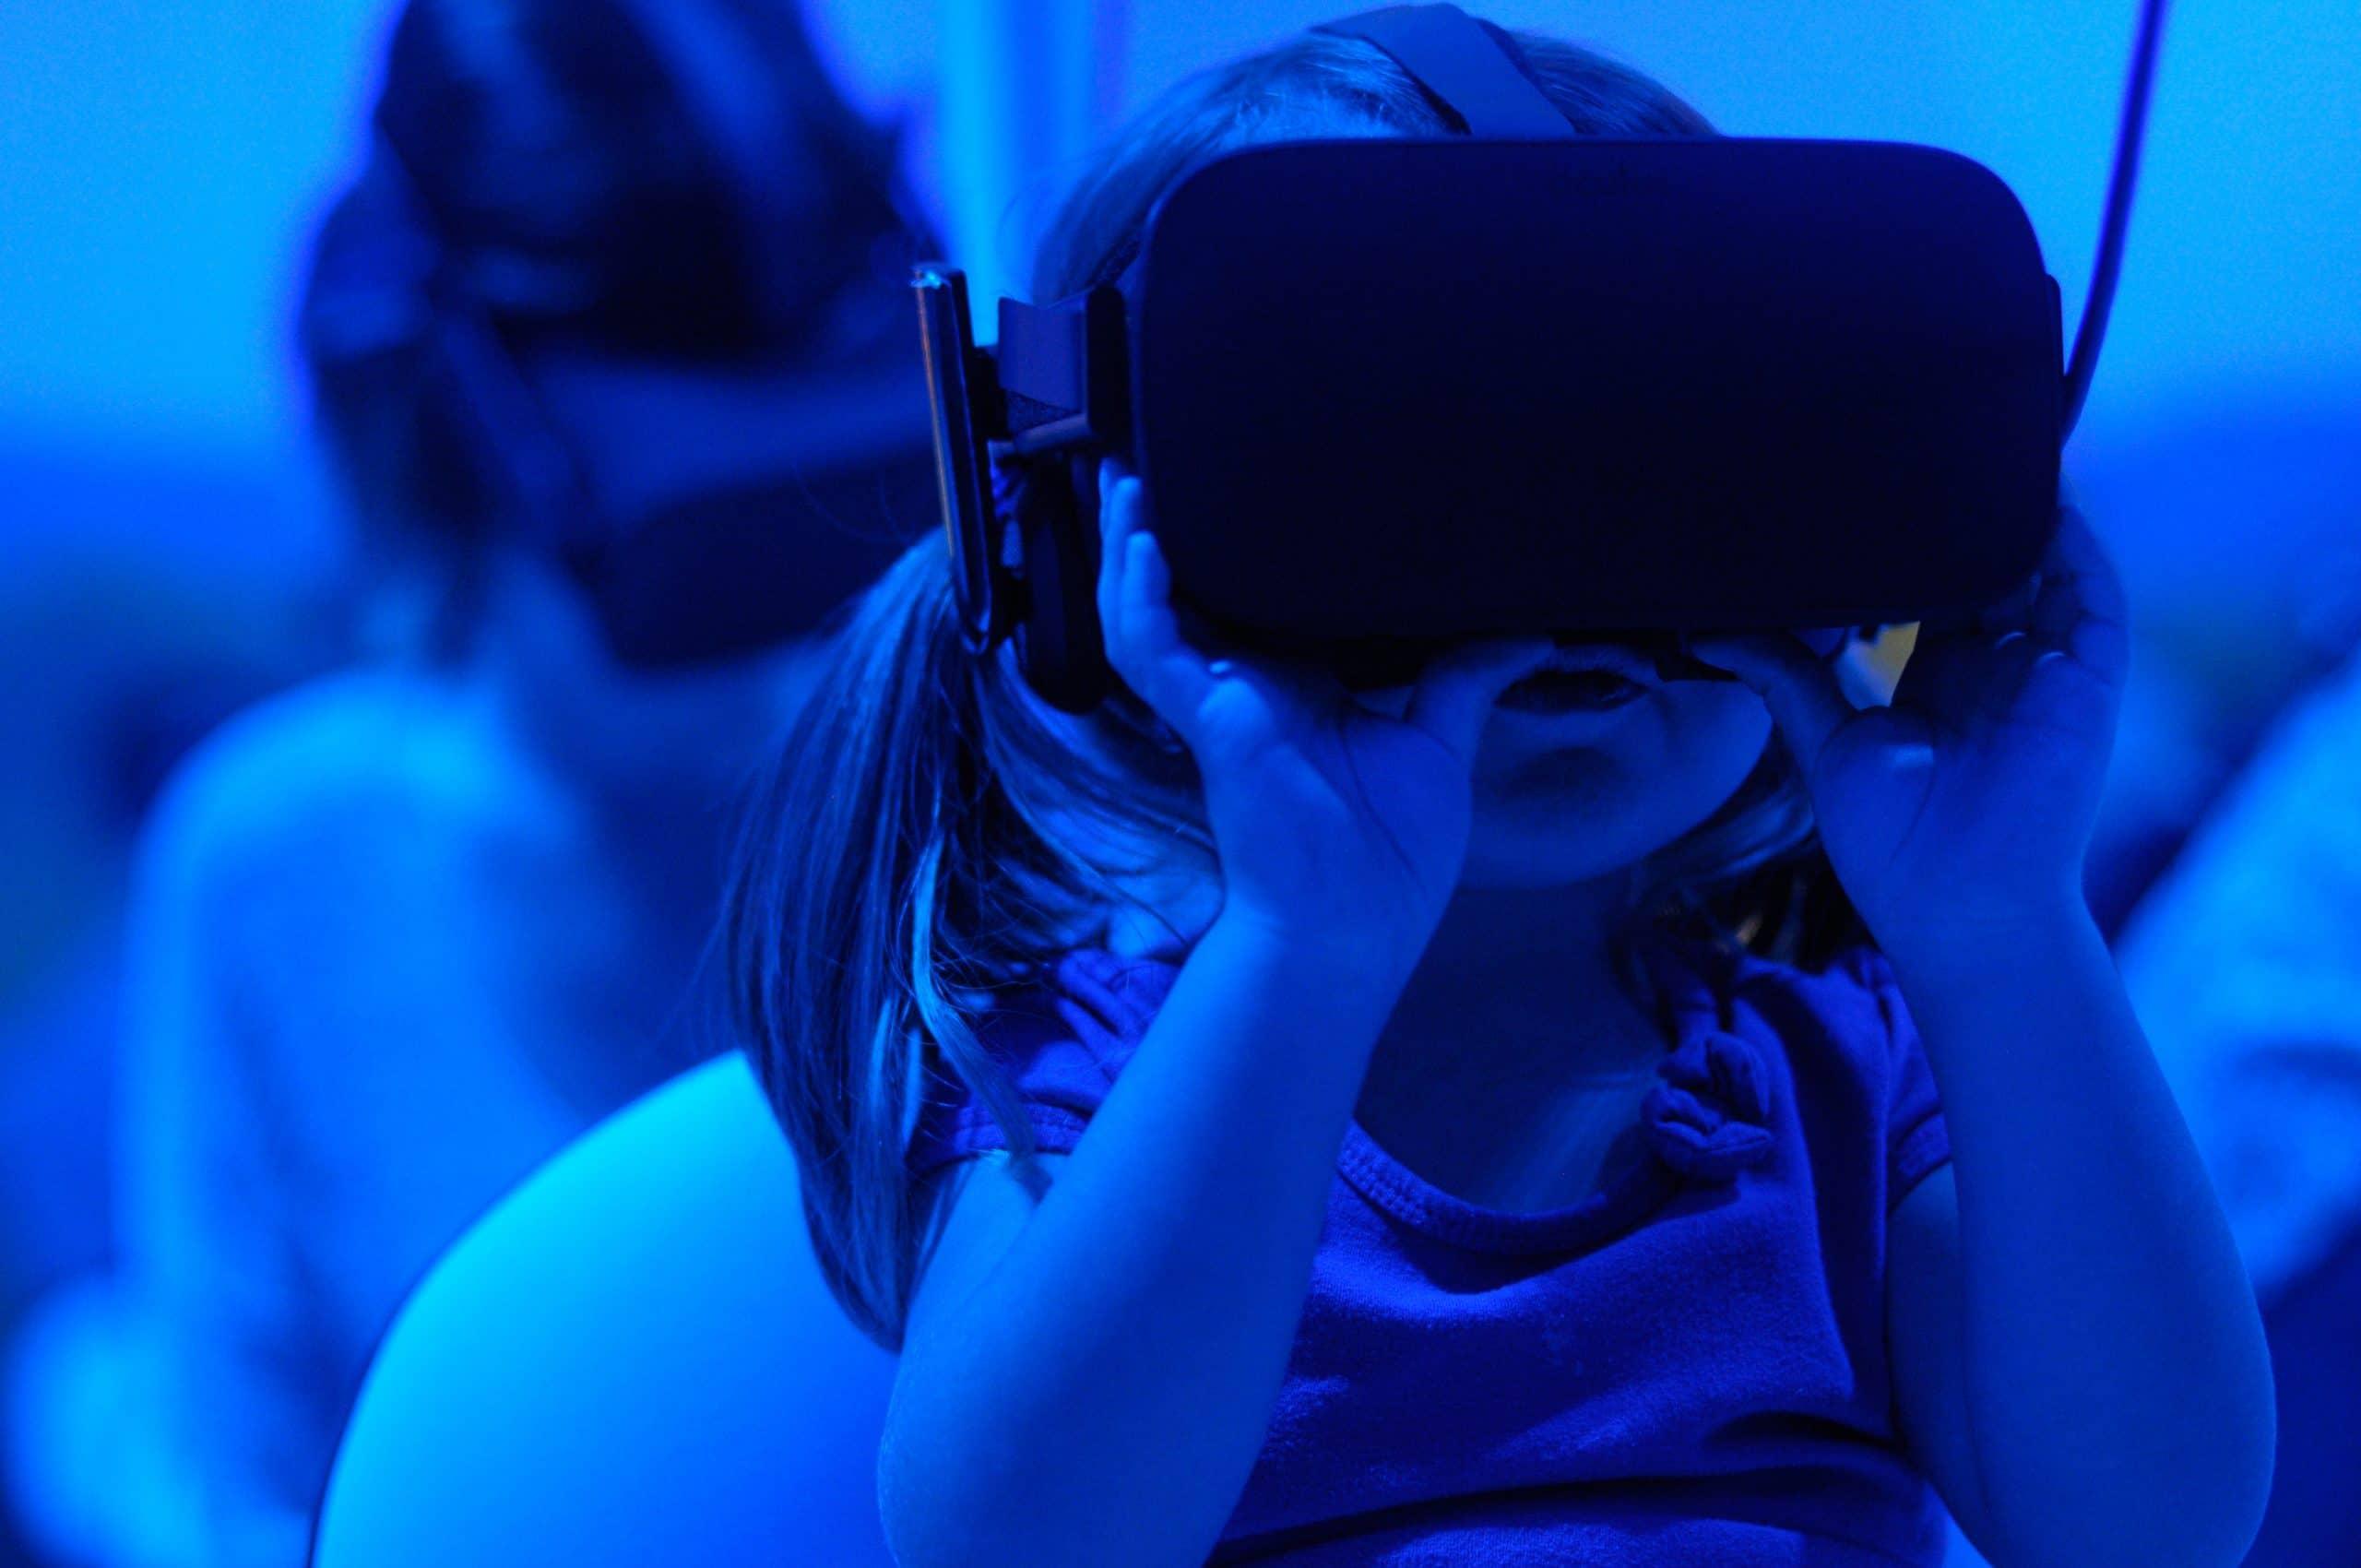 La culture numérique : qu'est-ce que c'est ?